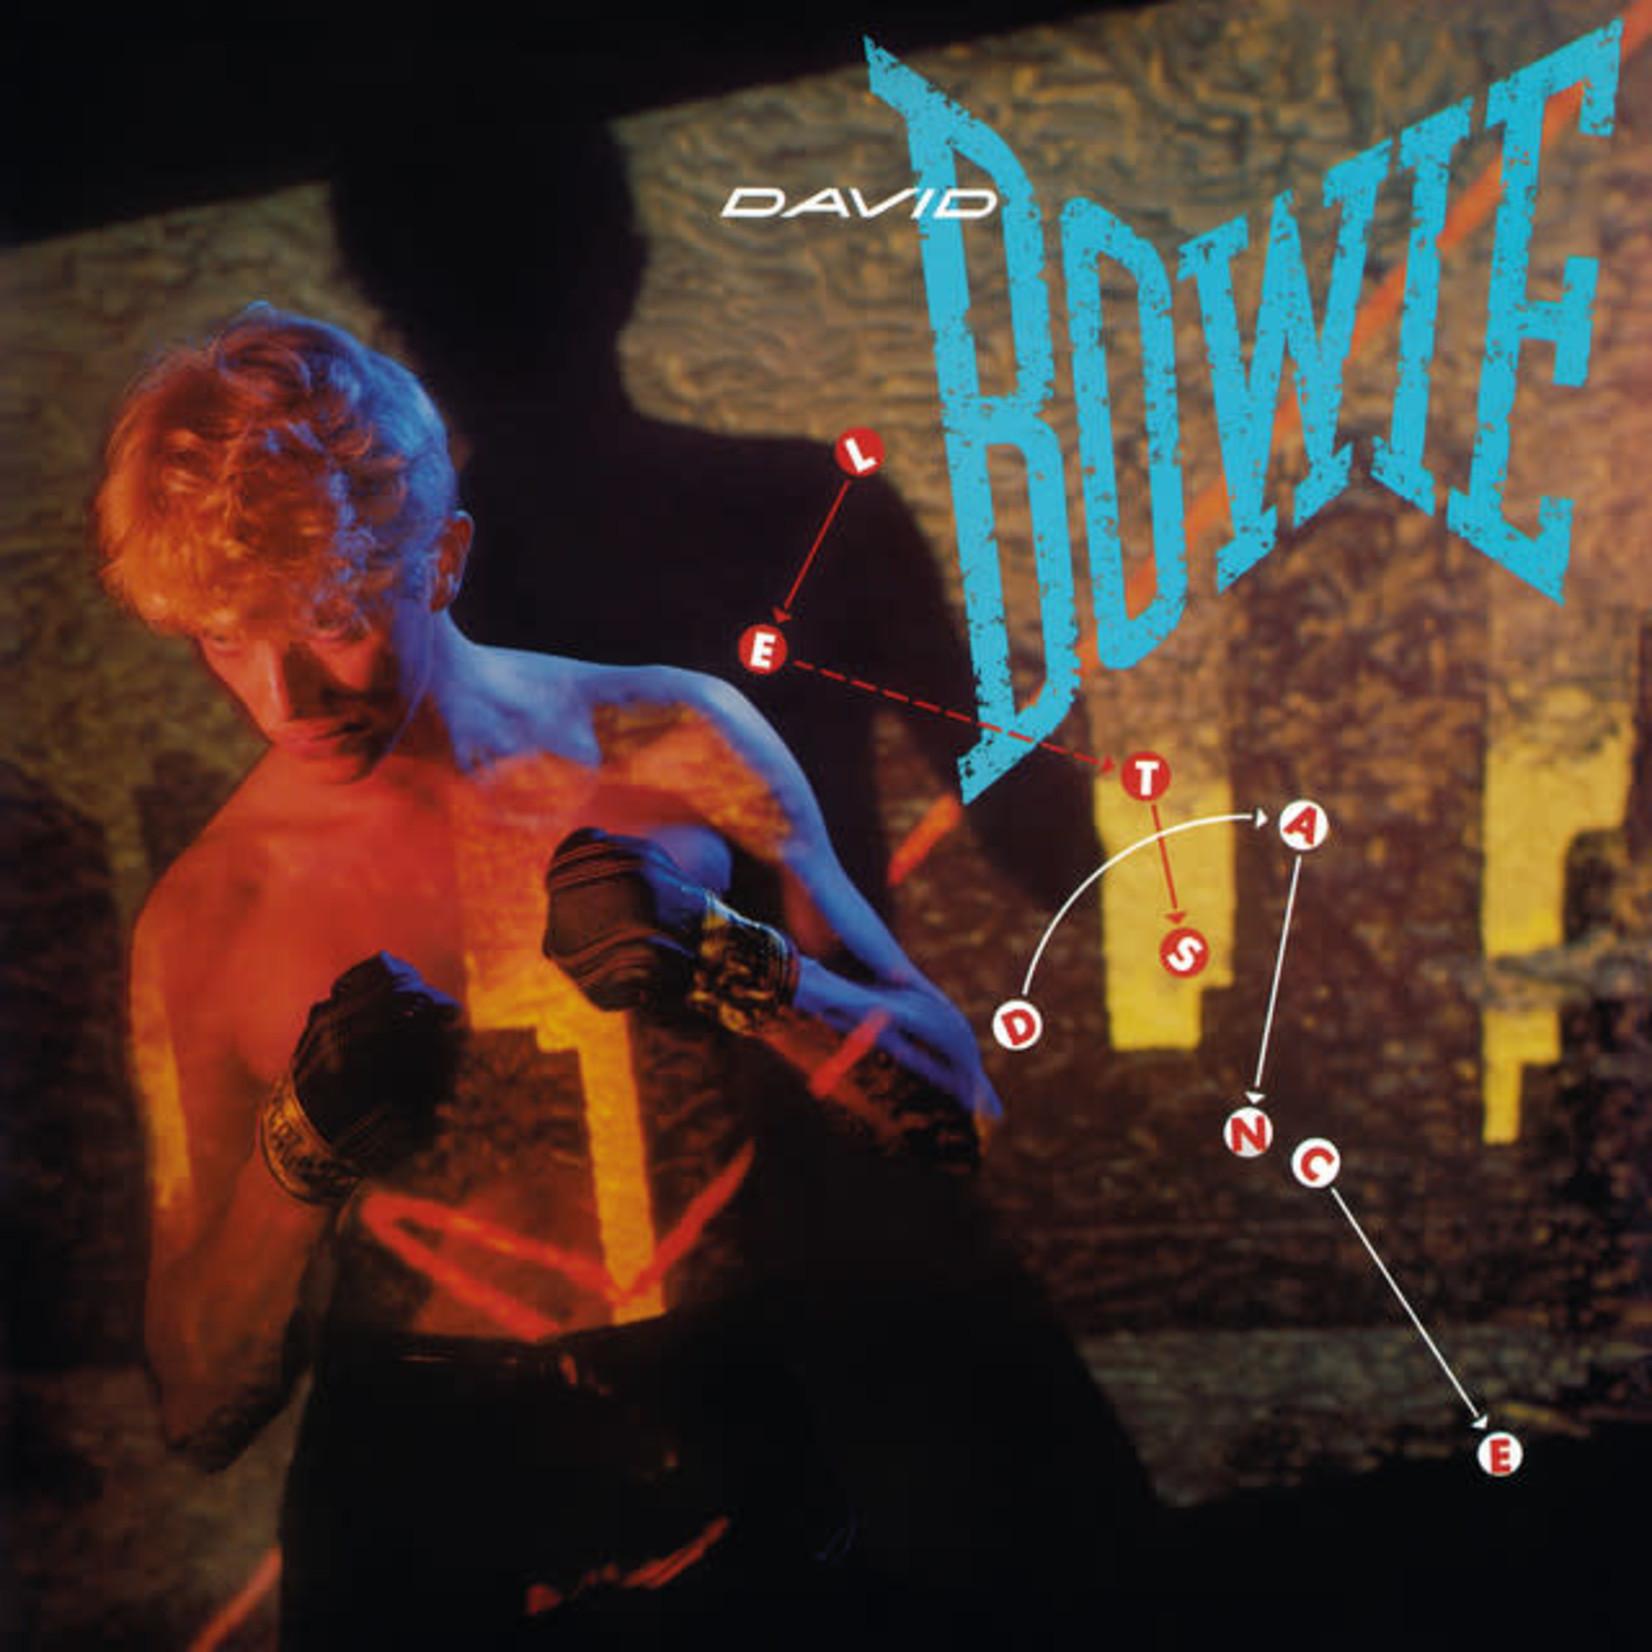 Vinyl David Bowie - Let's Dance